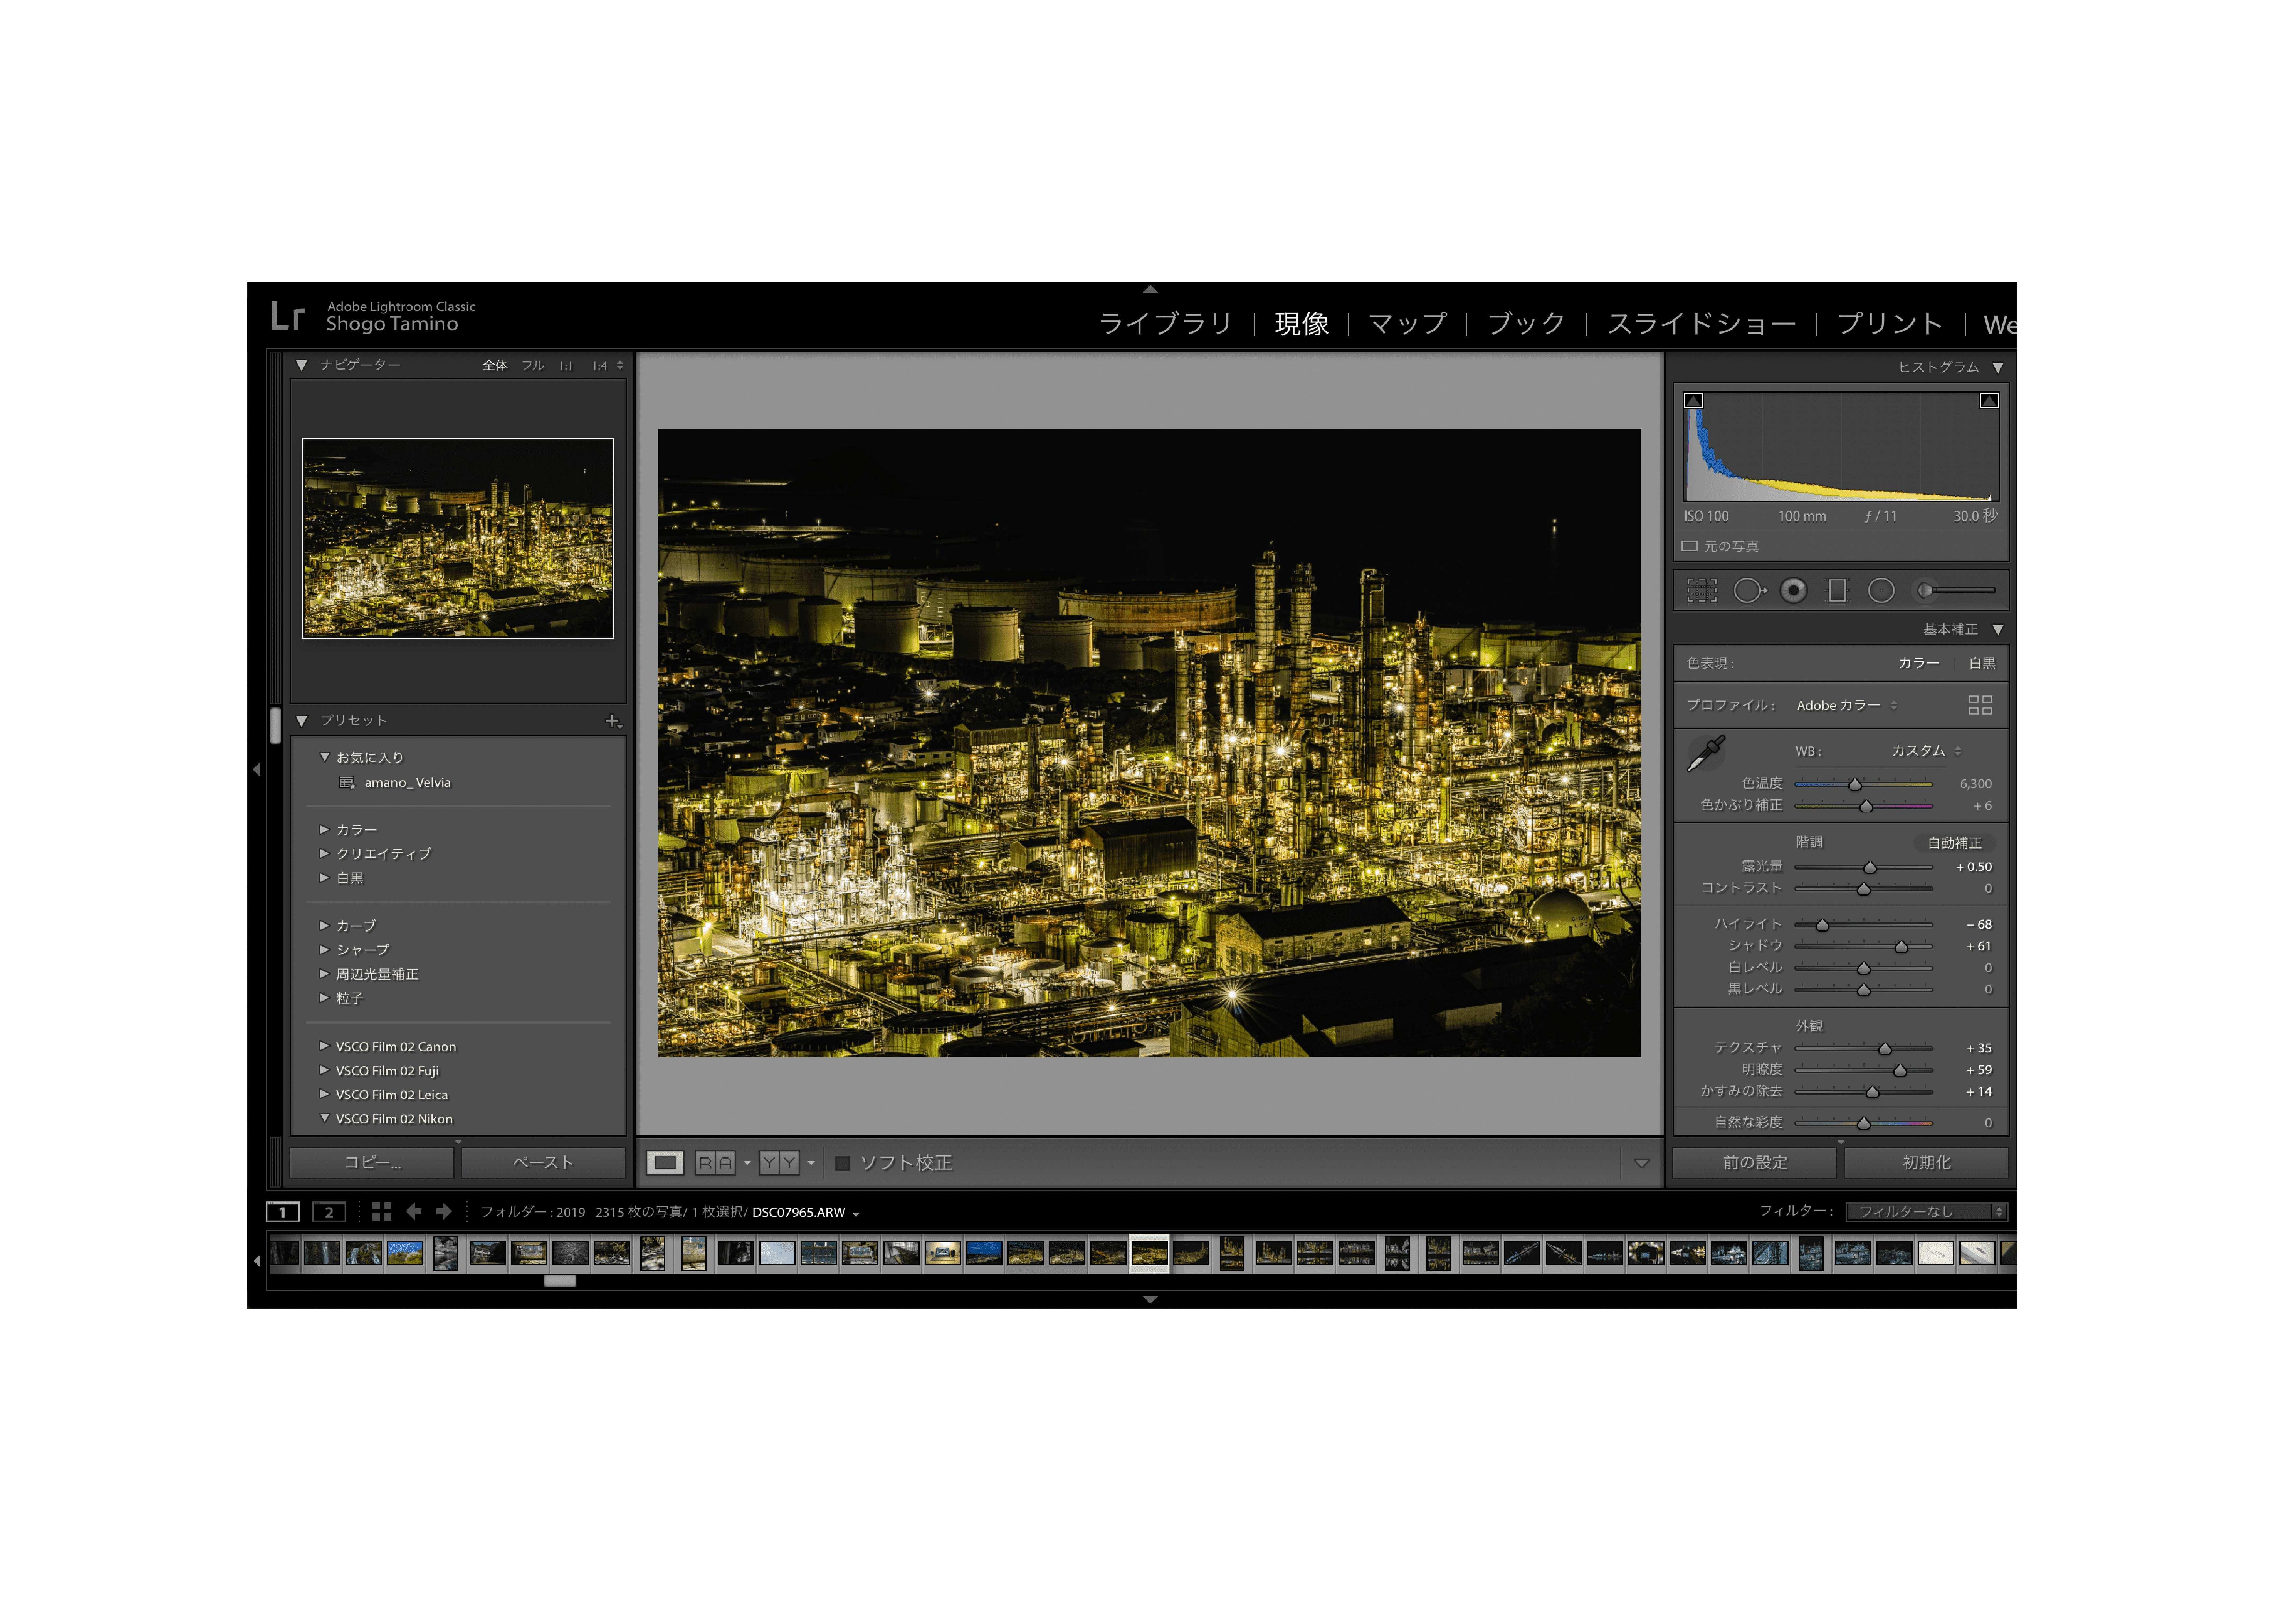 【lightroom】工場夜景レタッチ 解像感の向上